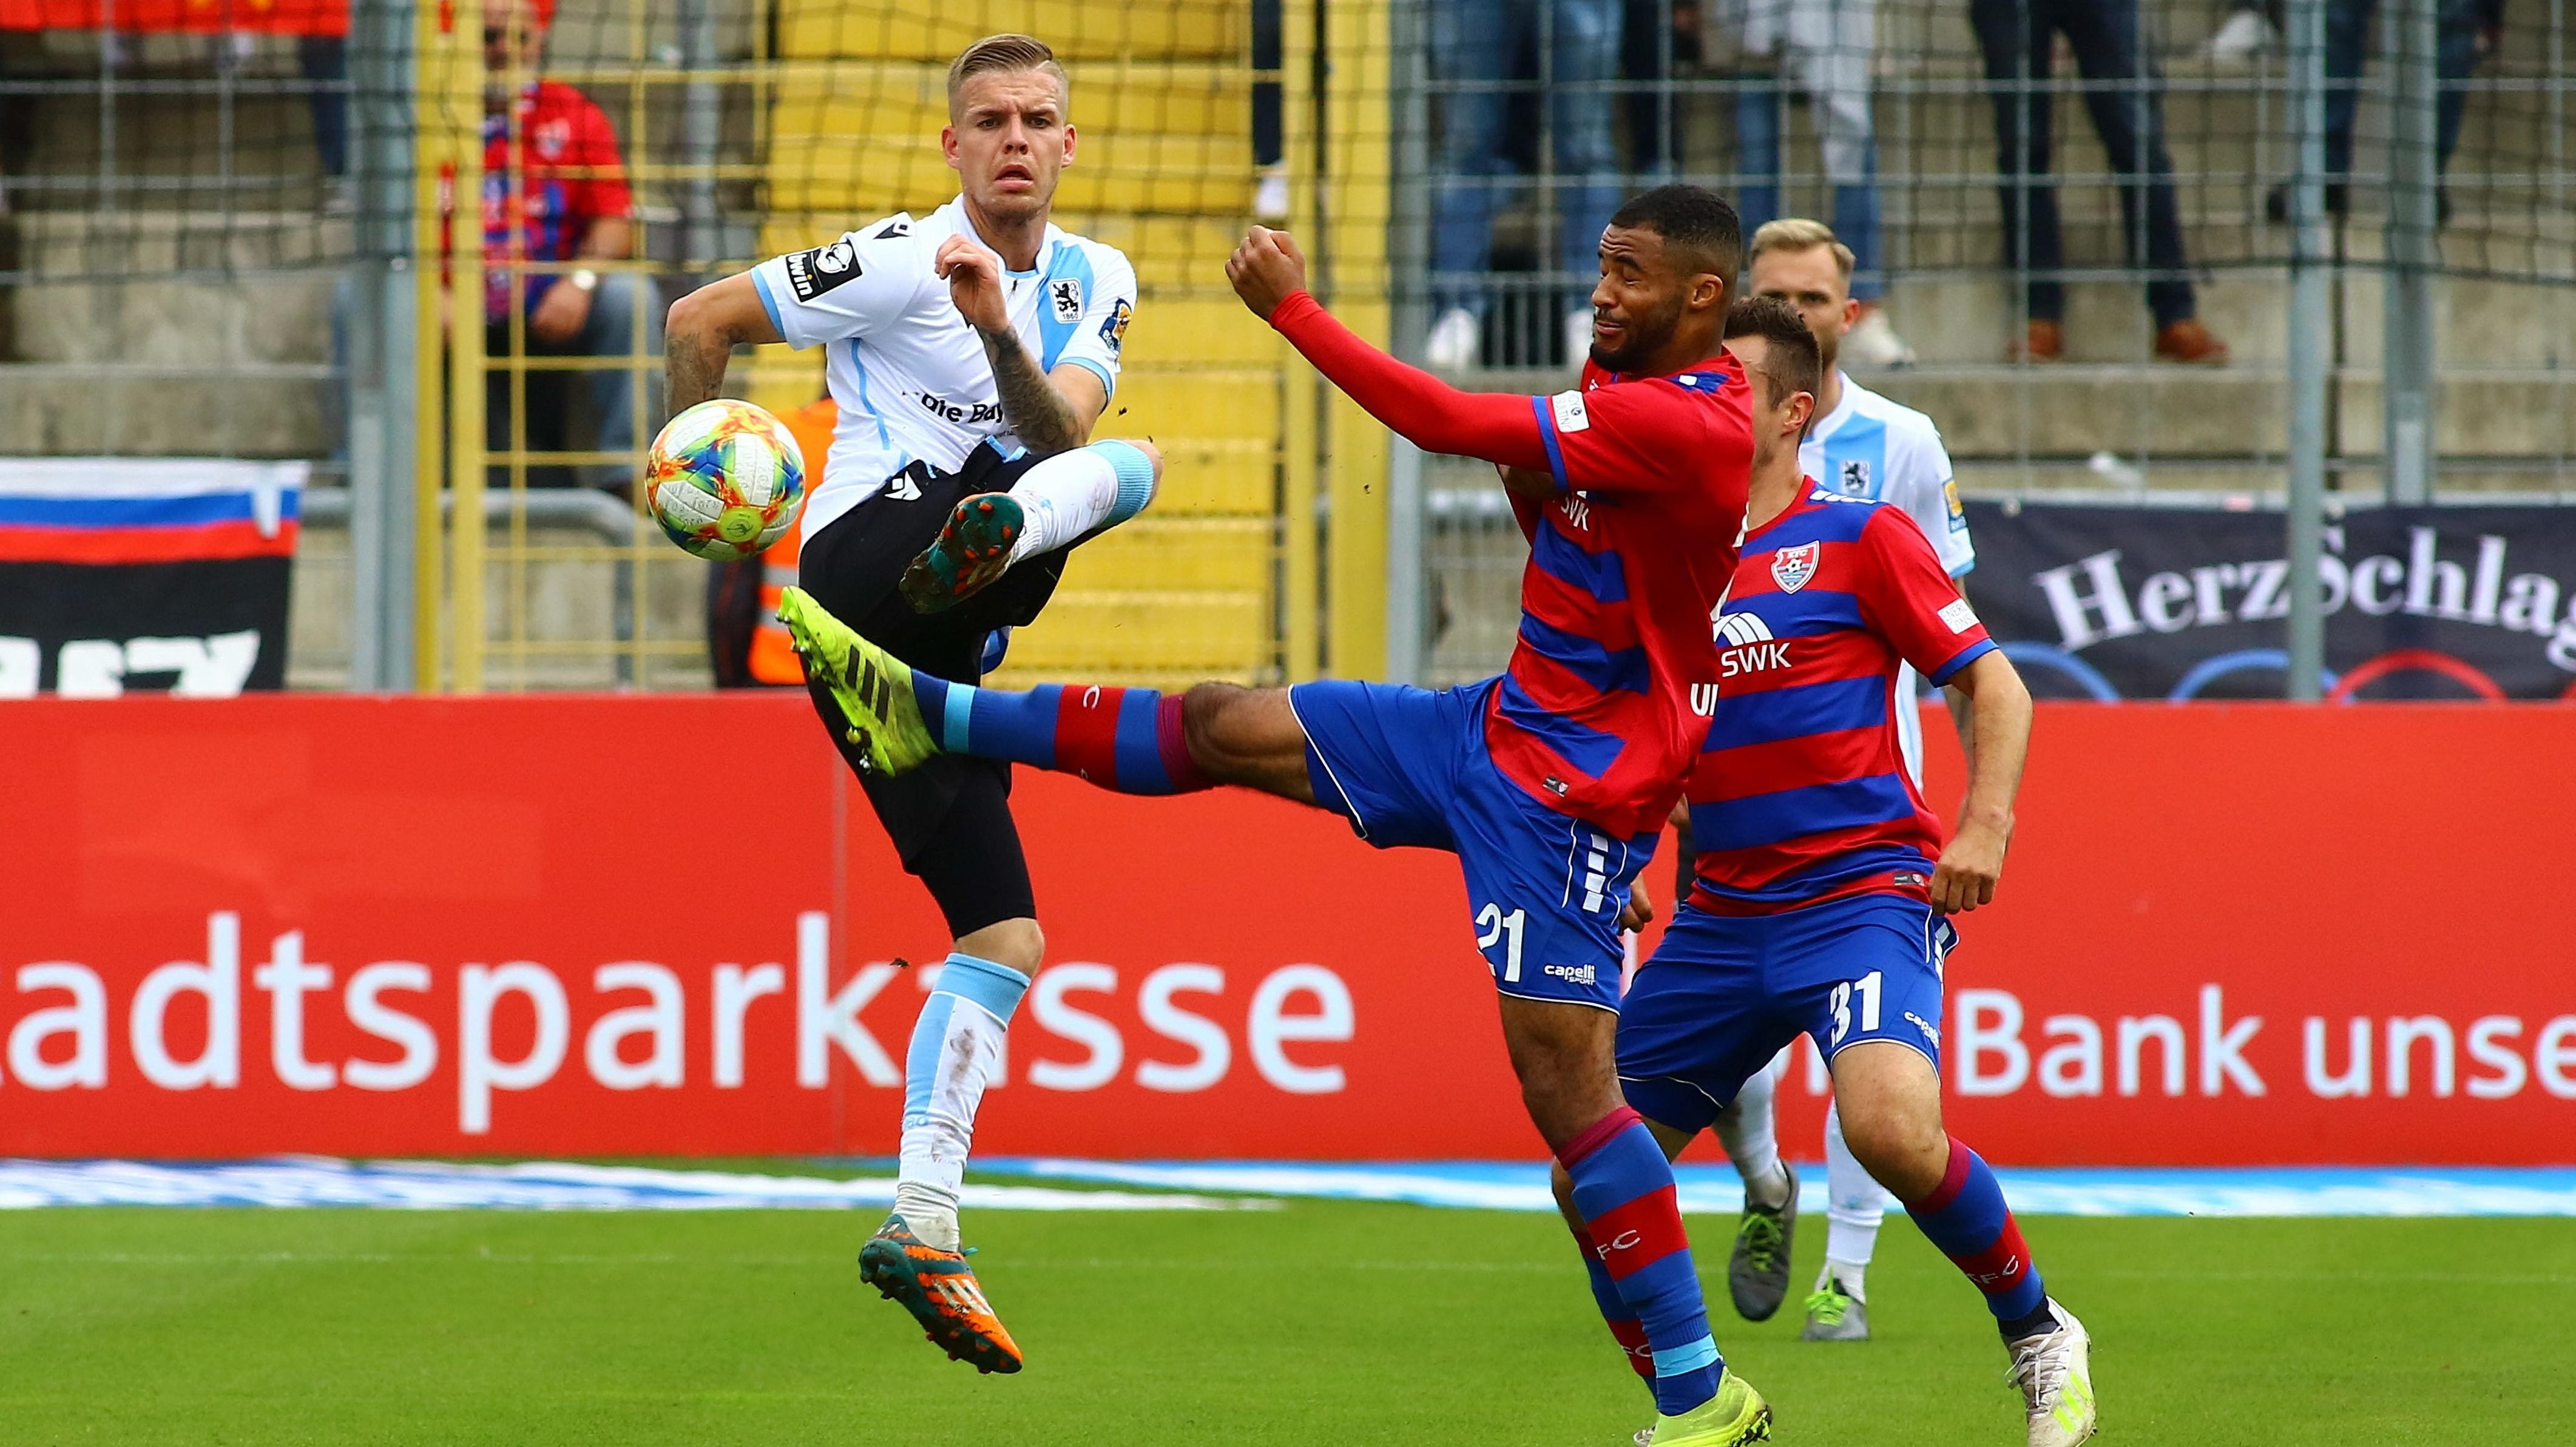 Spielszene TSV 1860 München - KFC Uerdingen